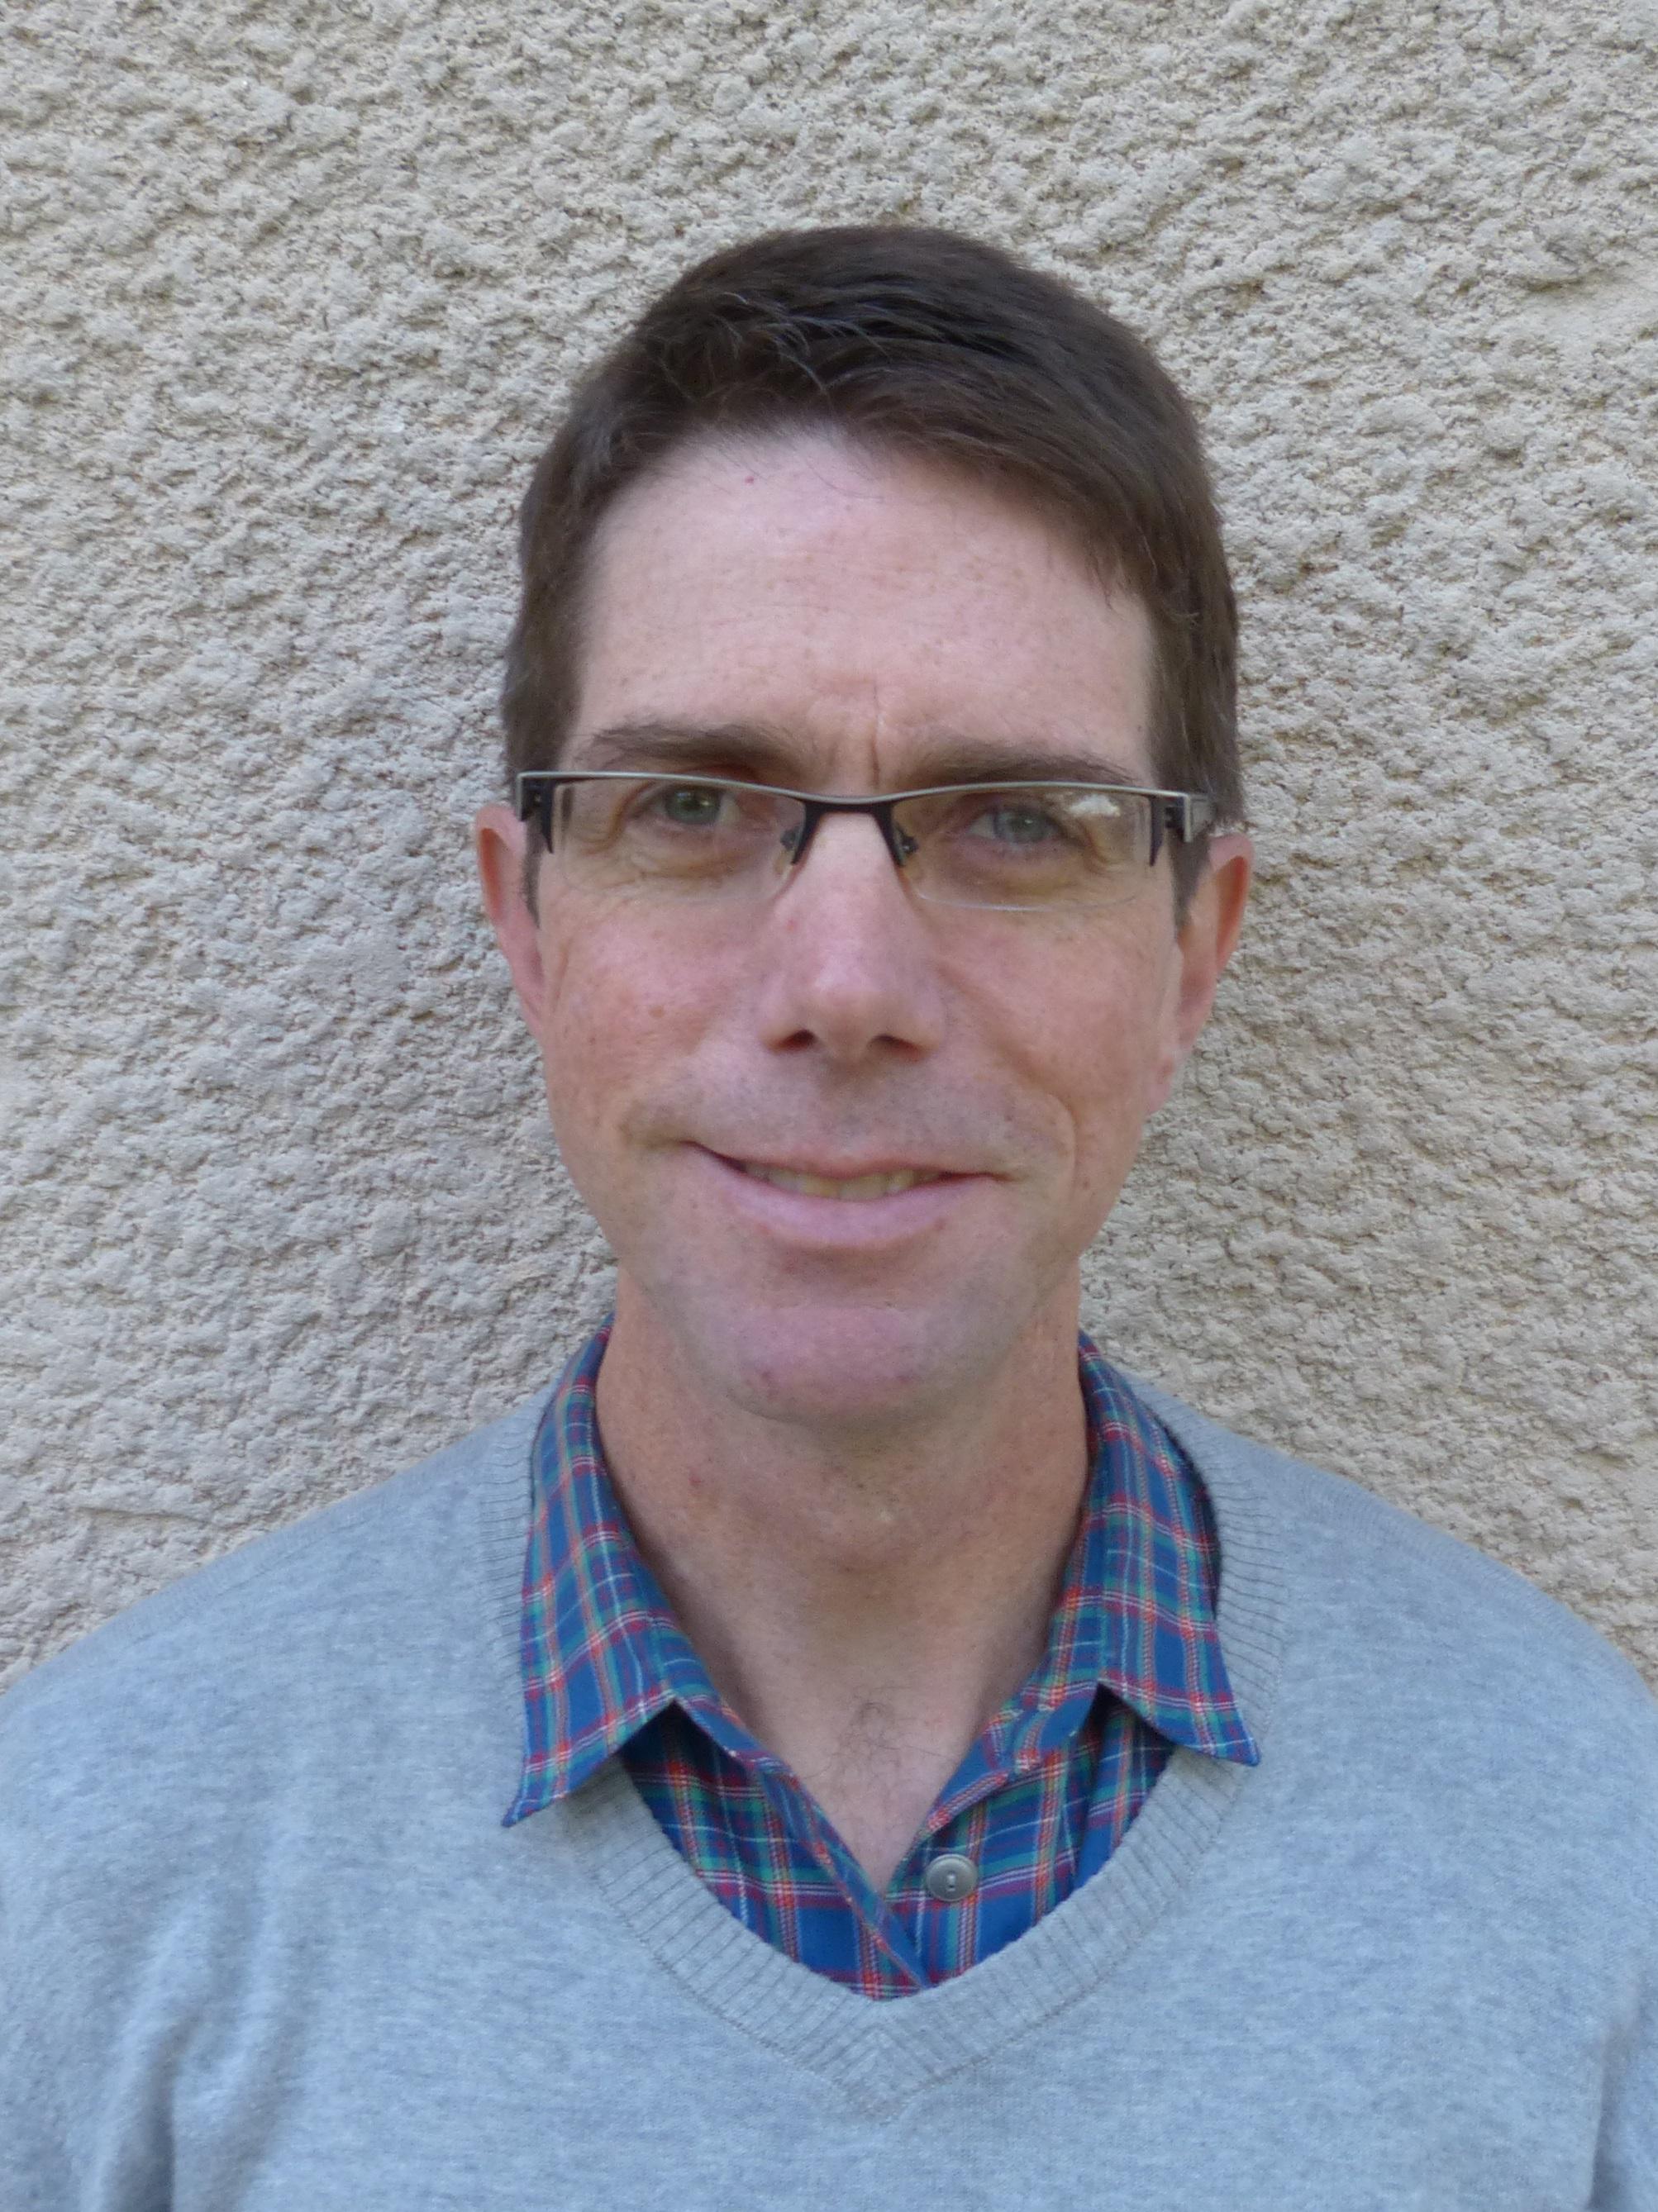 Michael Schirber